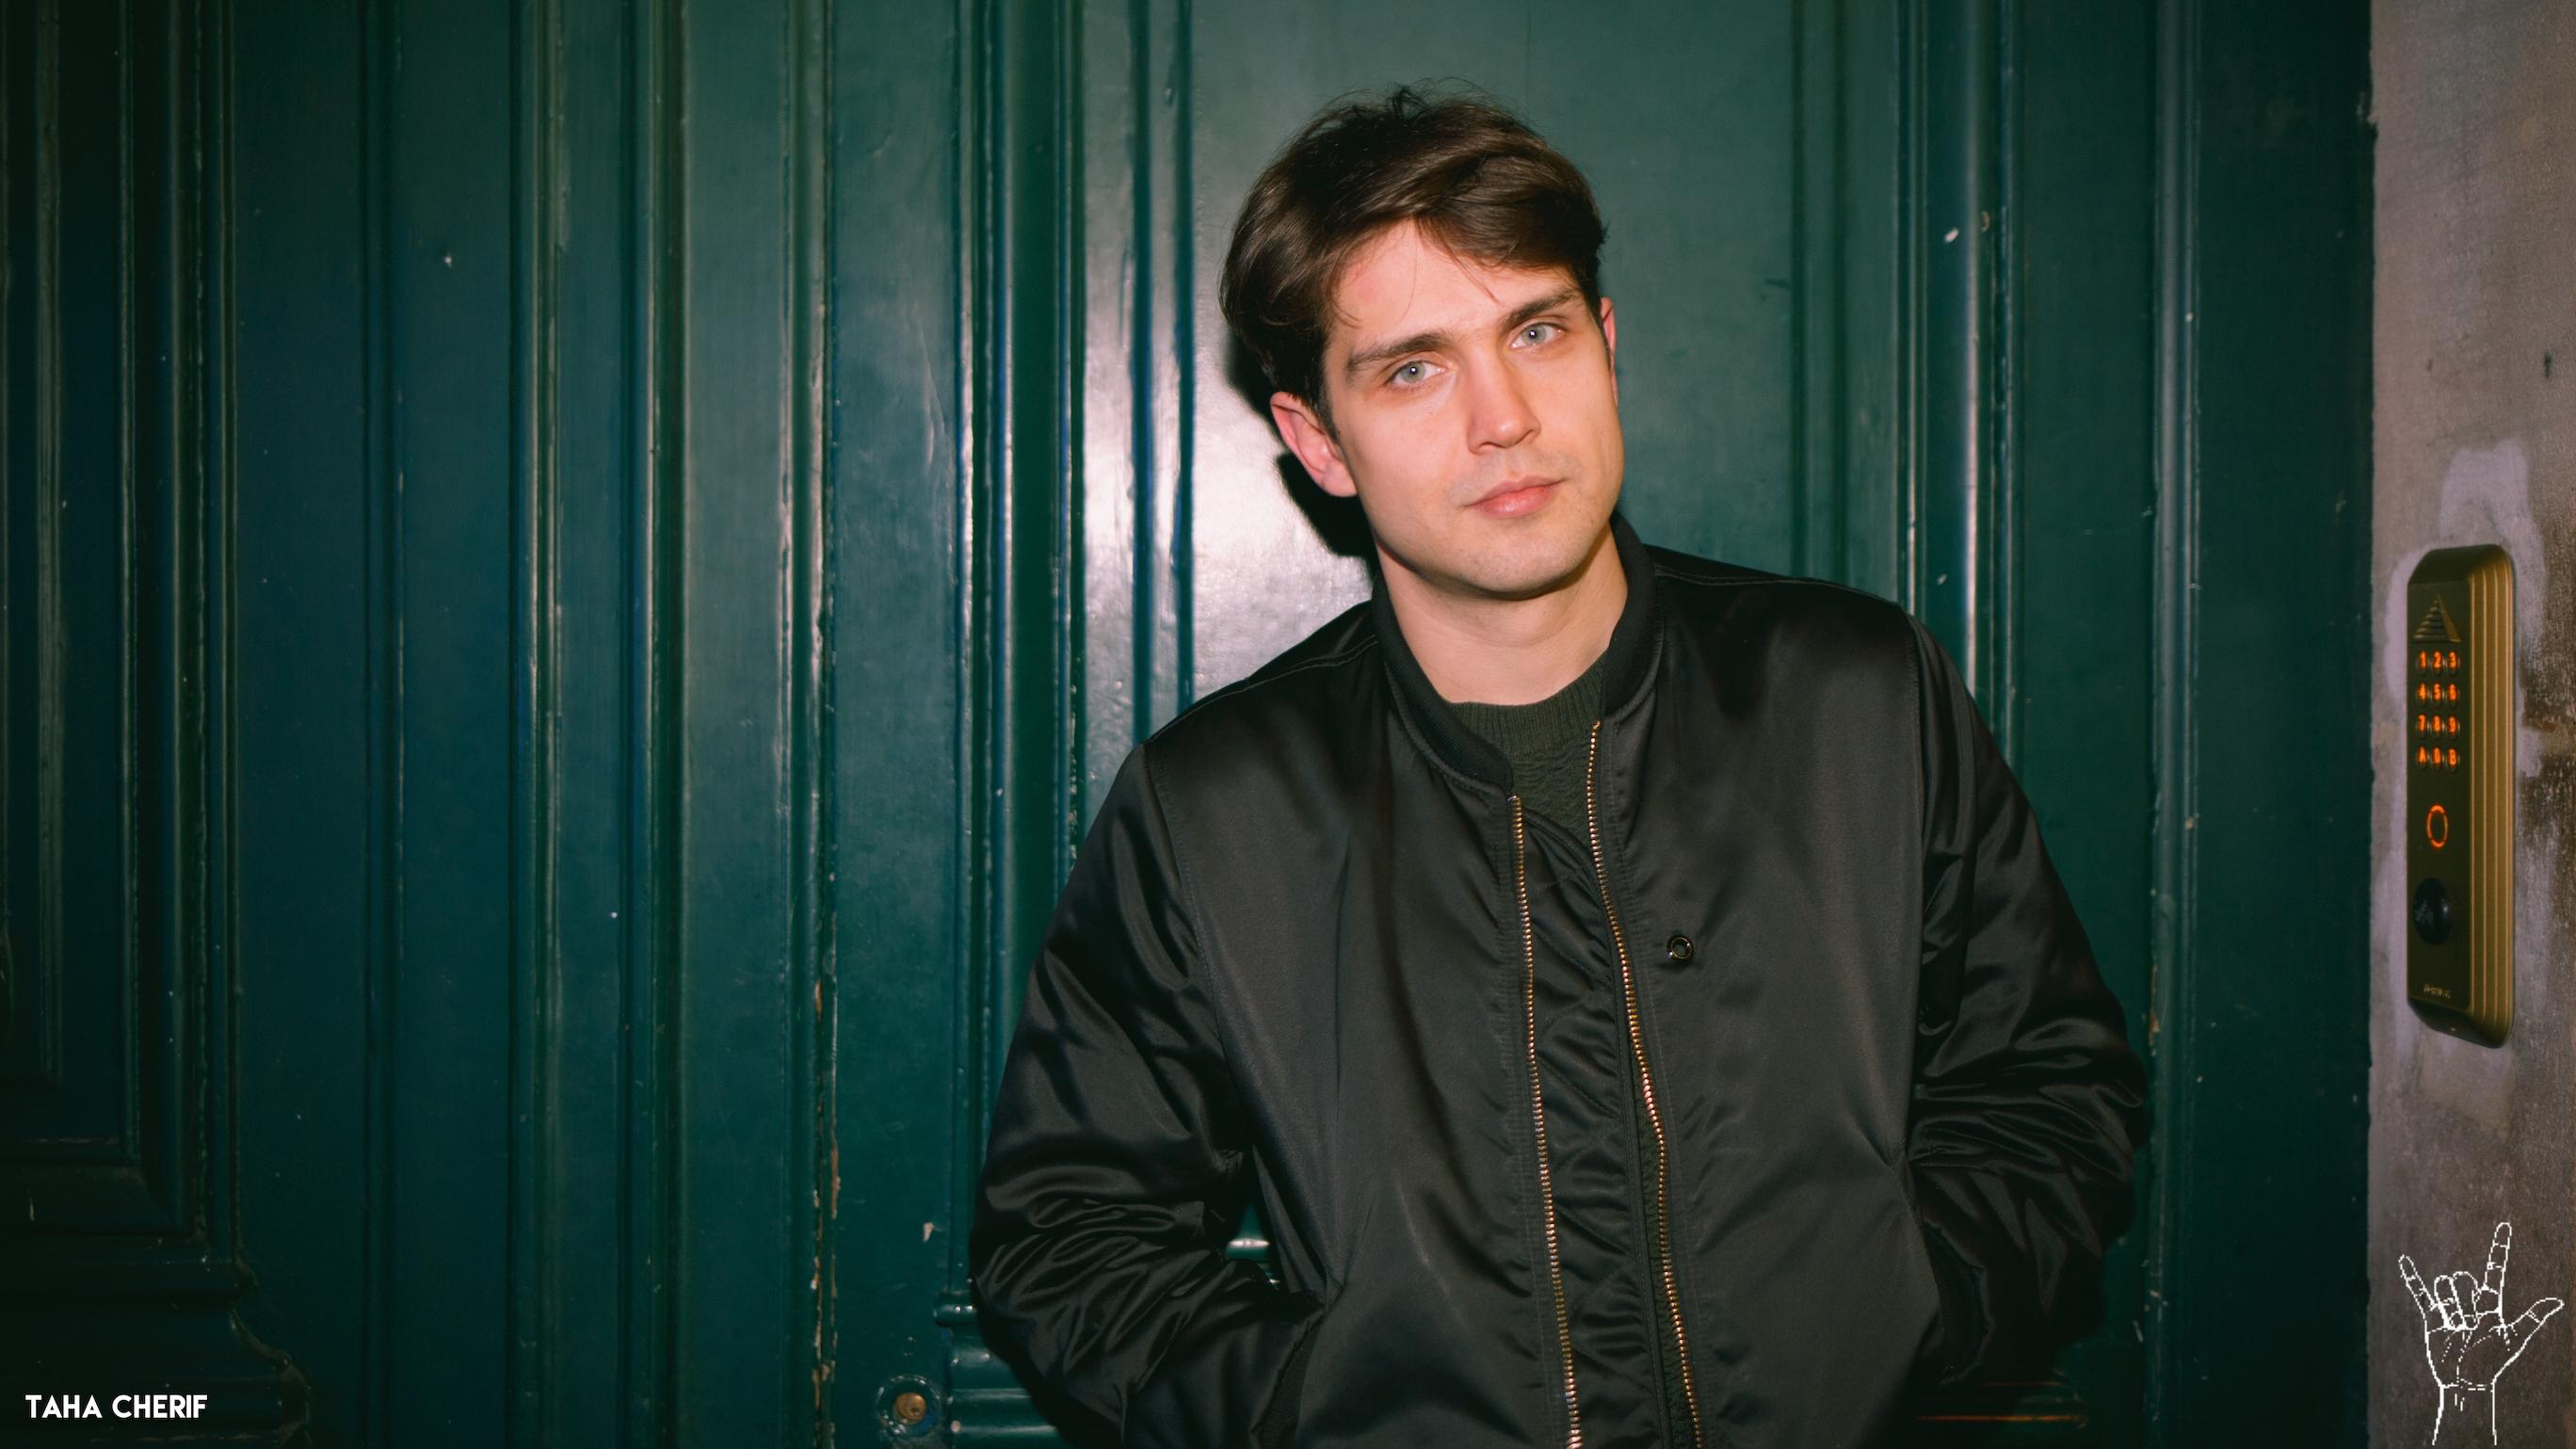 Noir Eden Peter Peter Interview Dust of Music